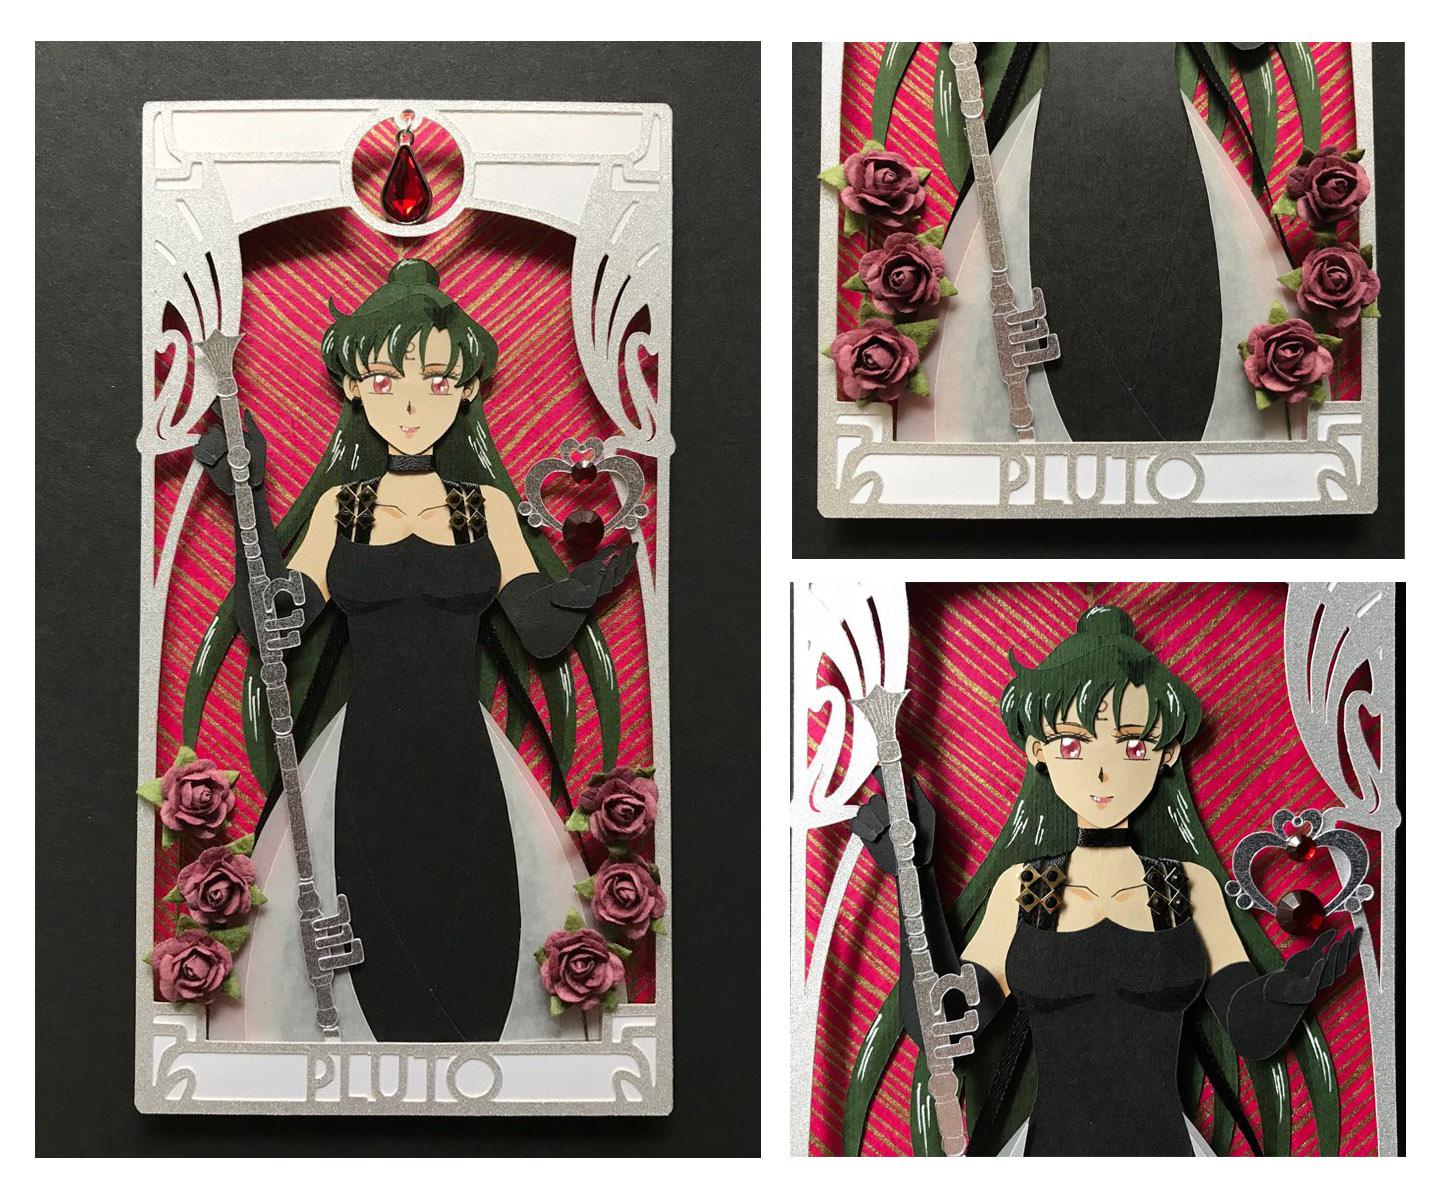 [D] Mangaka-chan's fanart (updated: 06-26-2018) - Page 4 Pluto_10